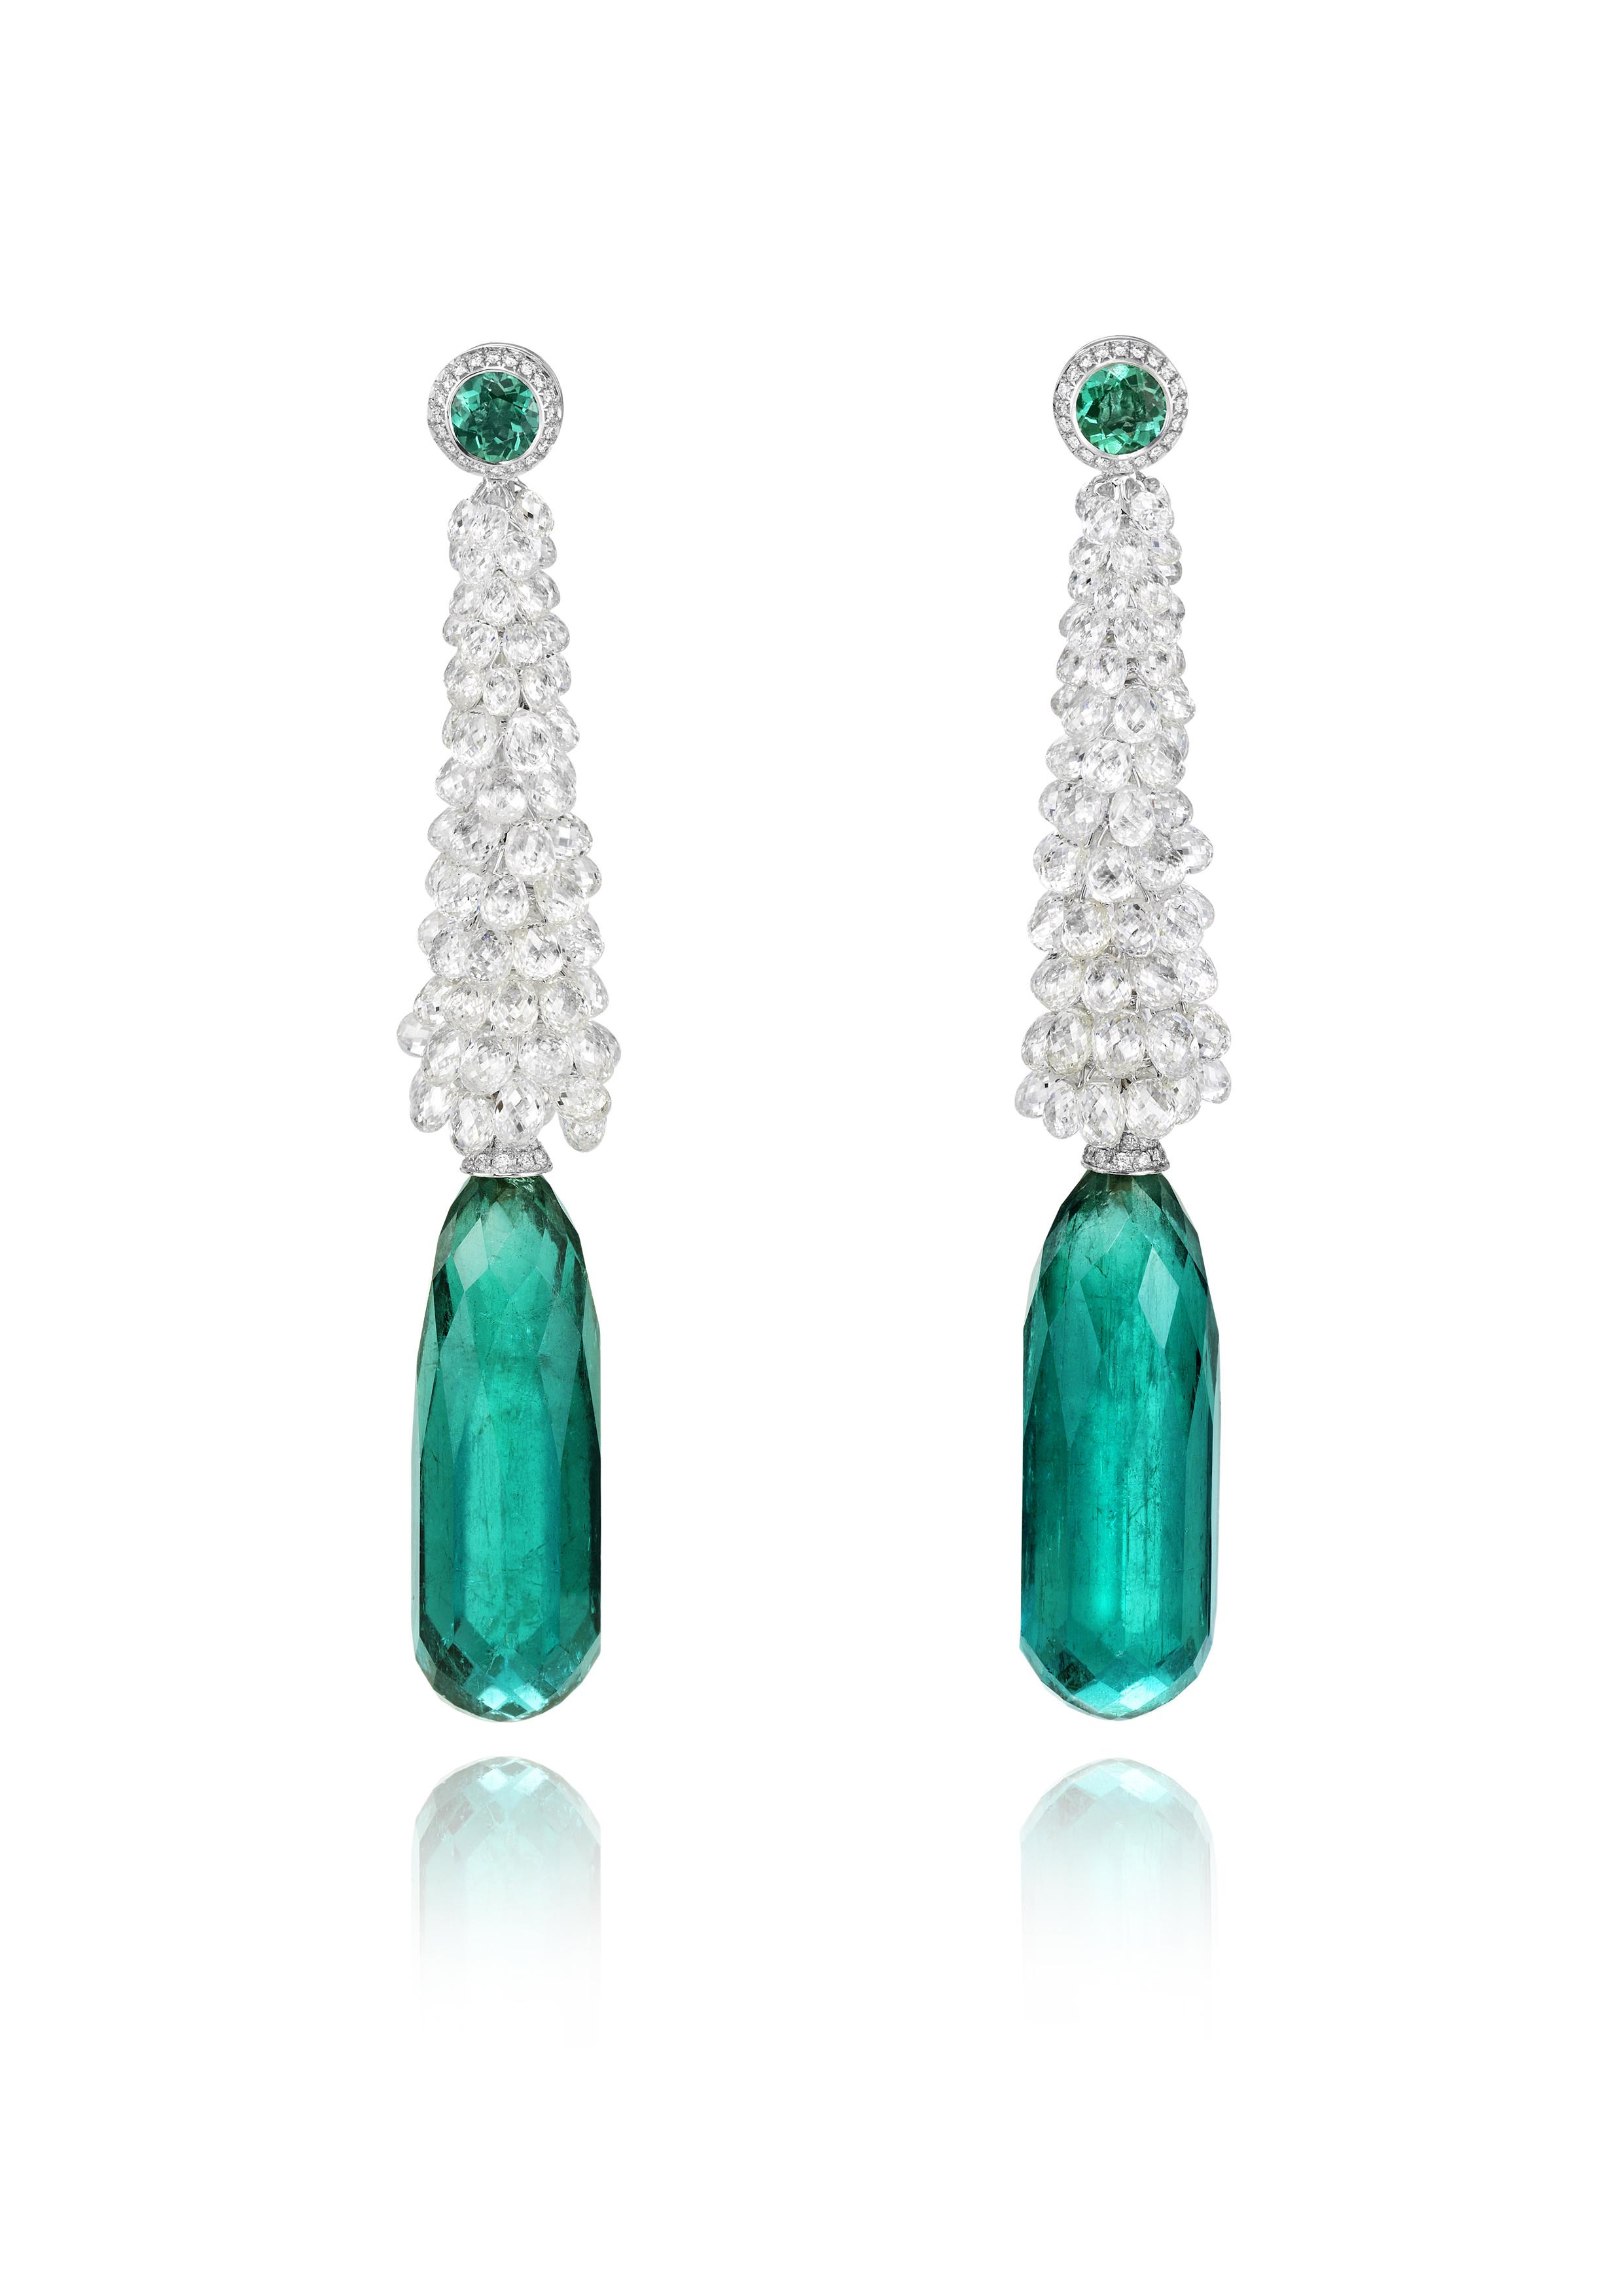 Pendientes en oro blanco con 29 qts de diamantes talla briolette y 2 esmeraldas talla briolette de 35 y 31 qts cada una